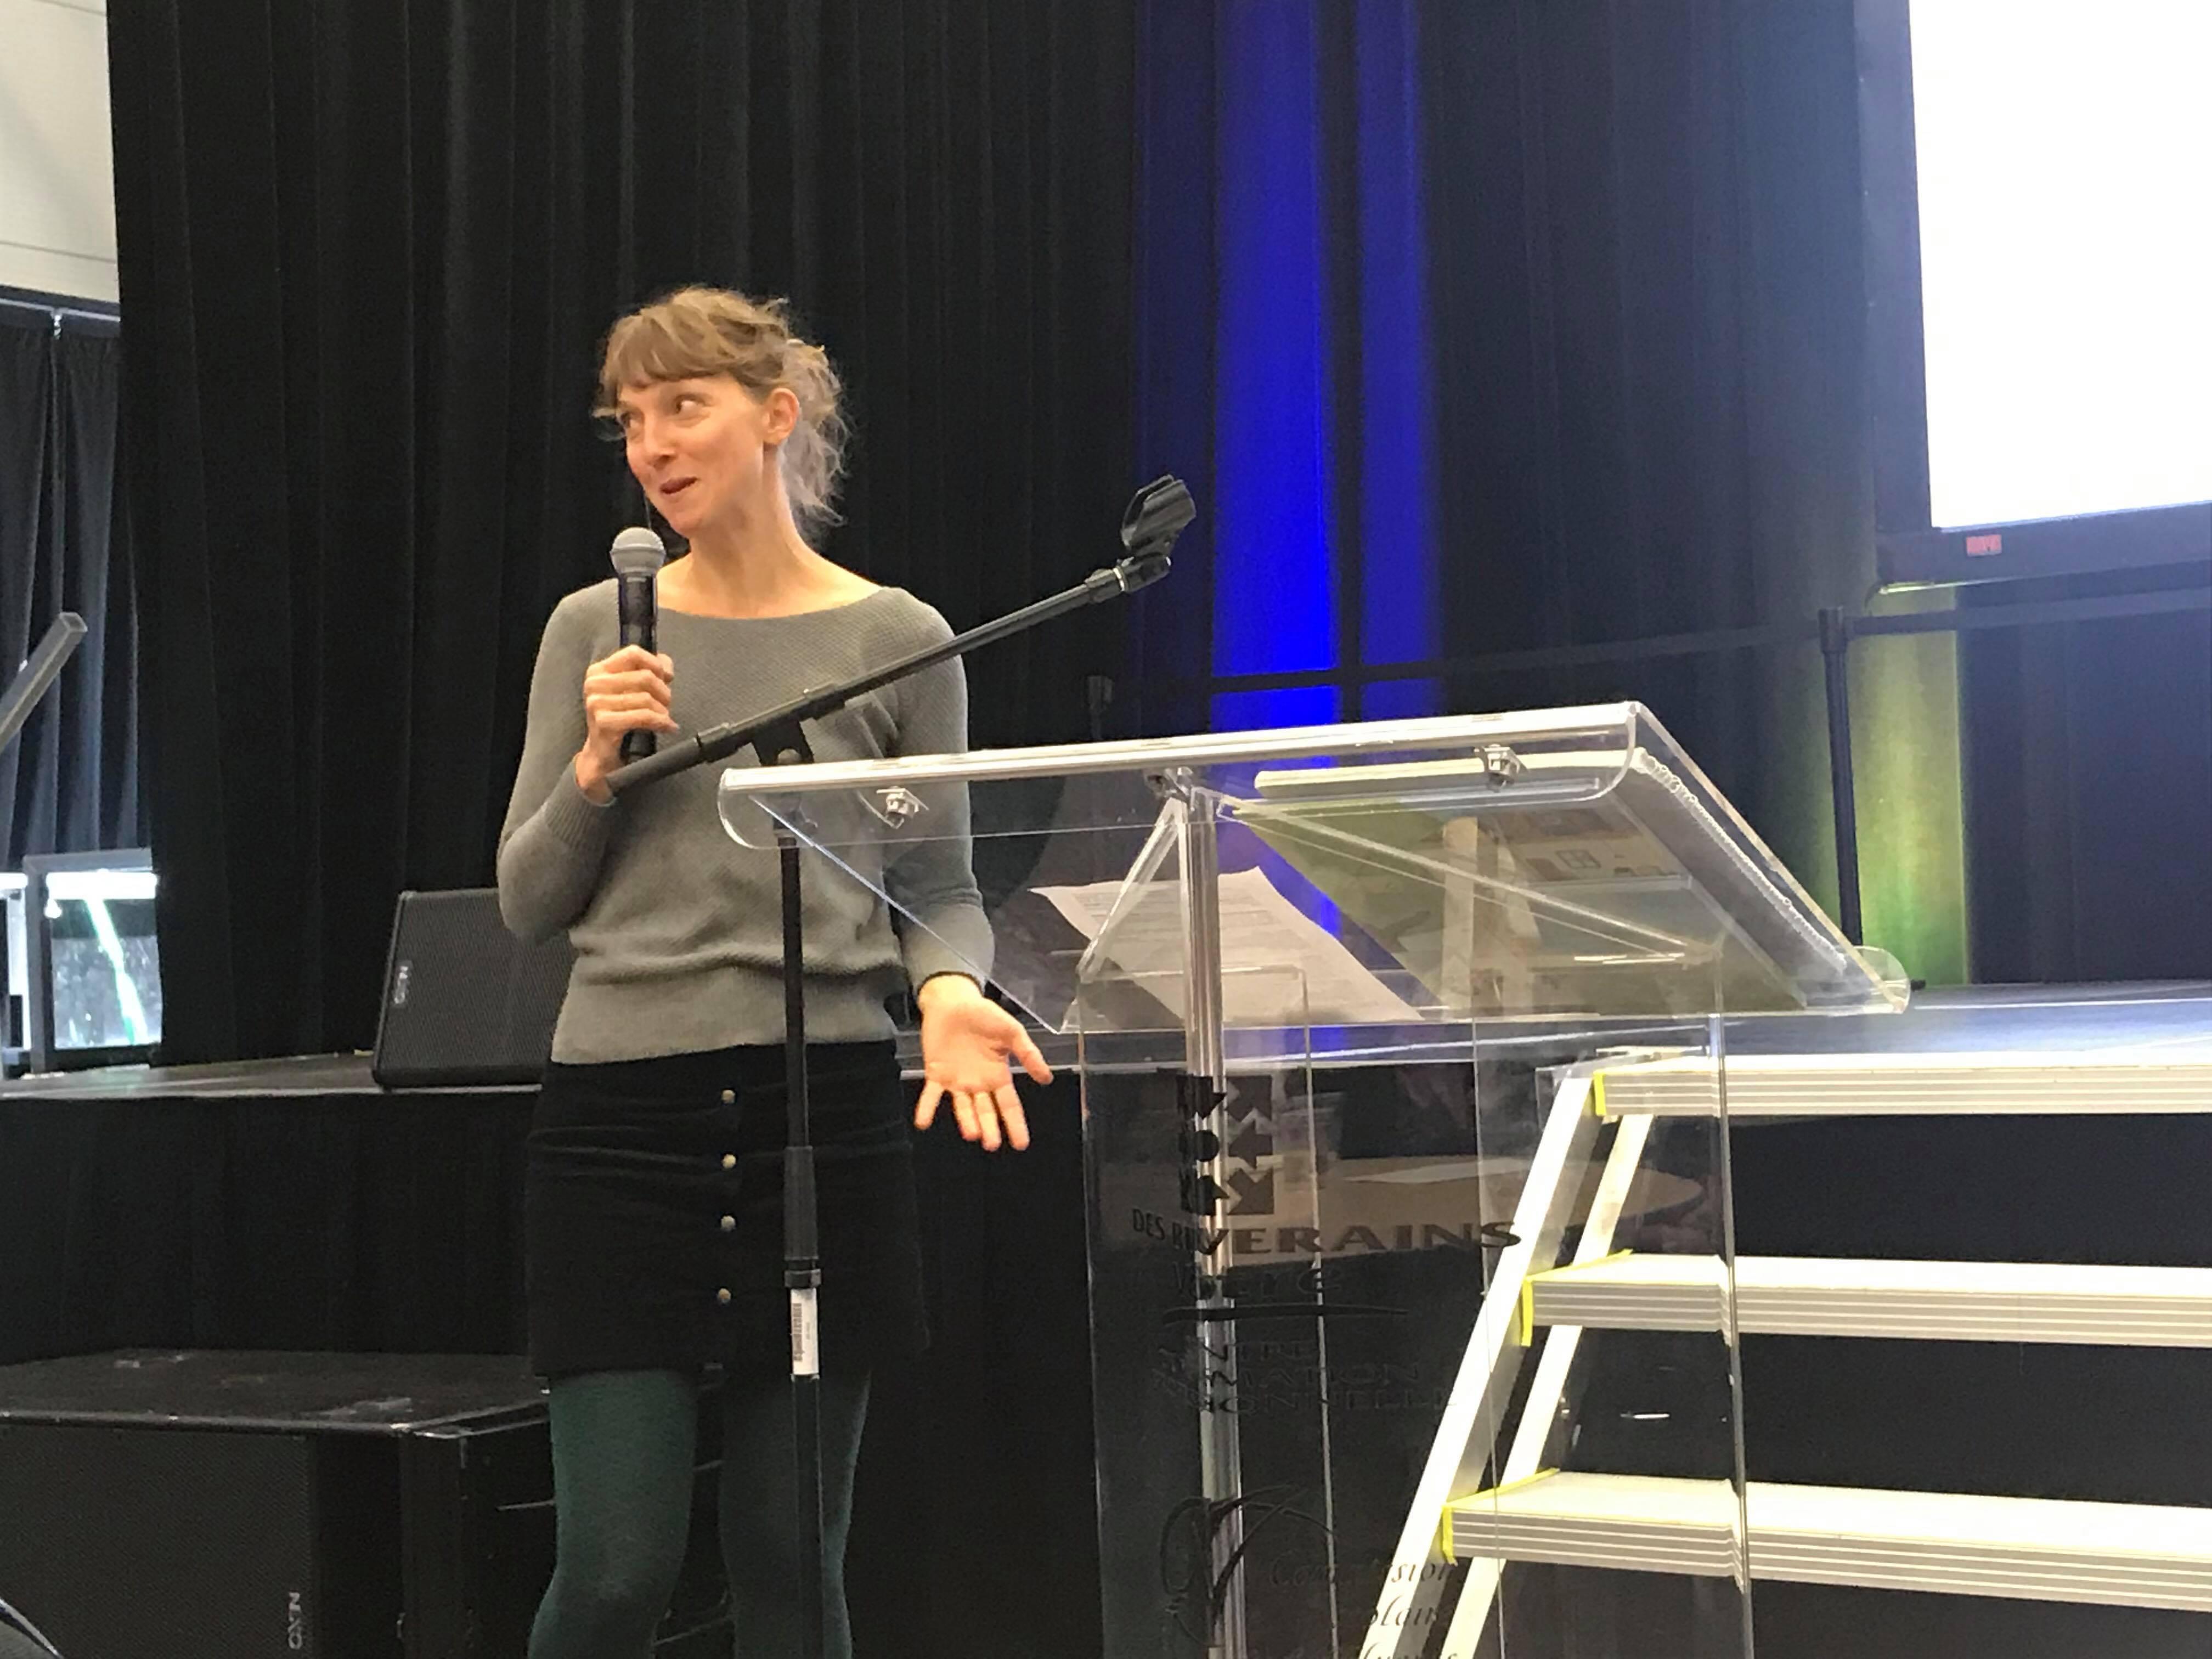 Auteure Marianne Dubuc